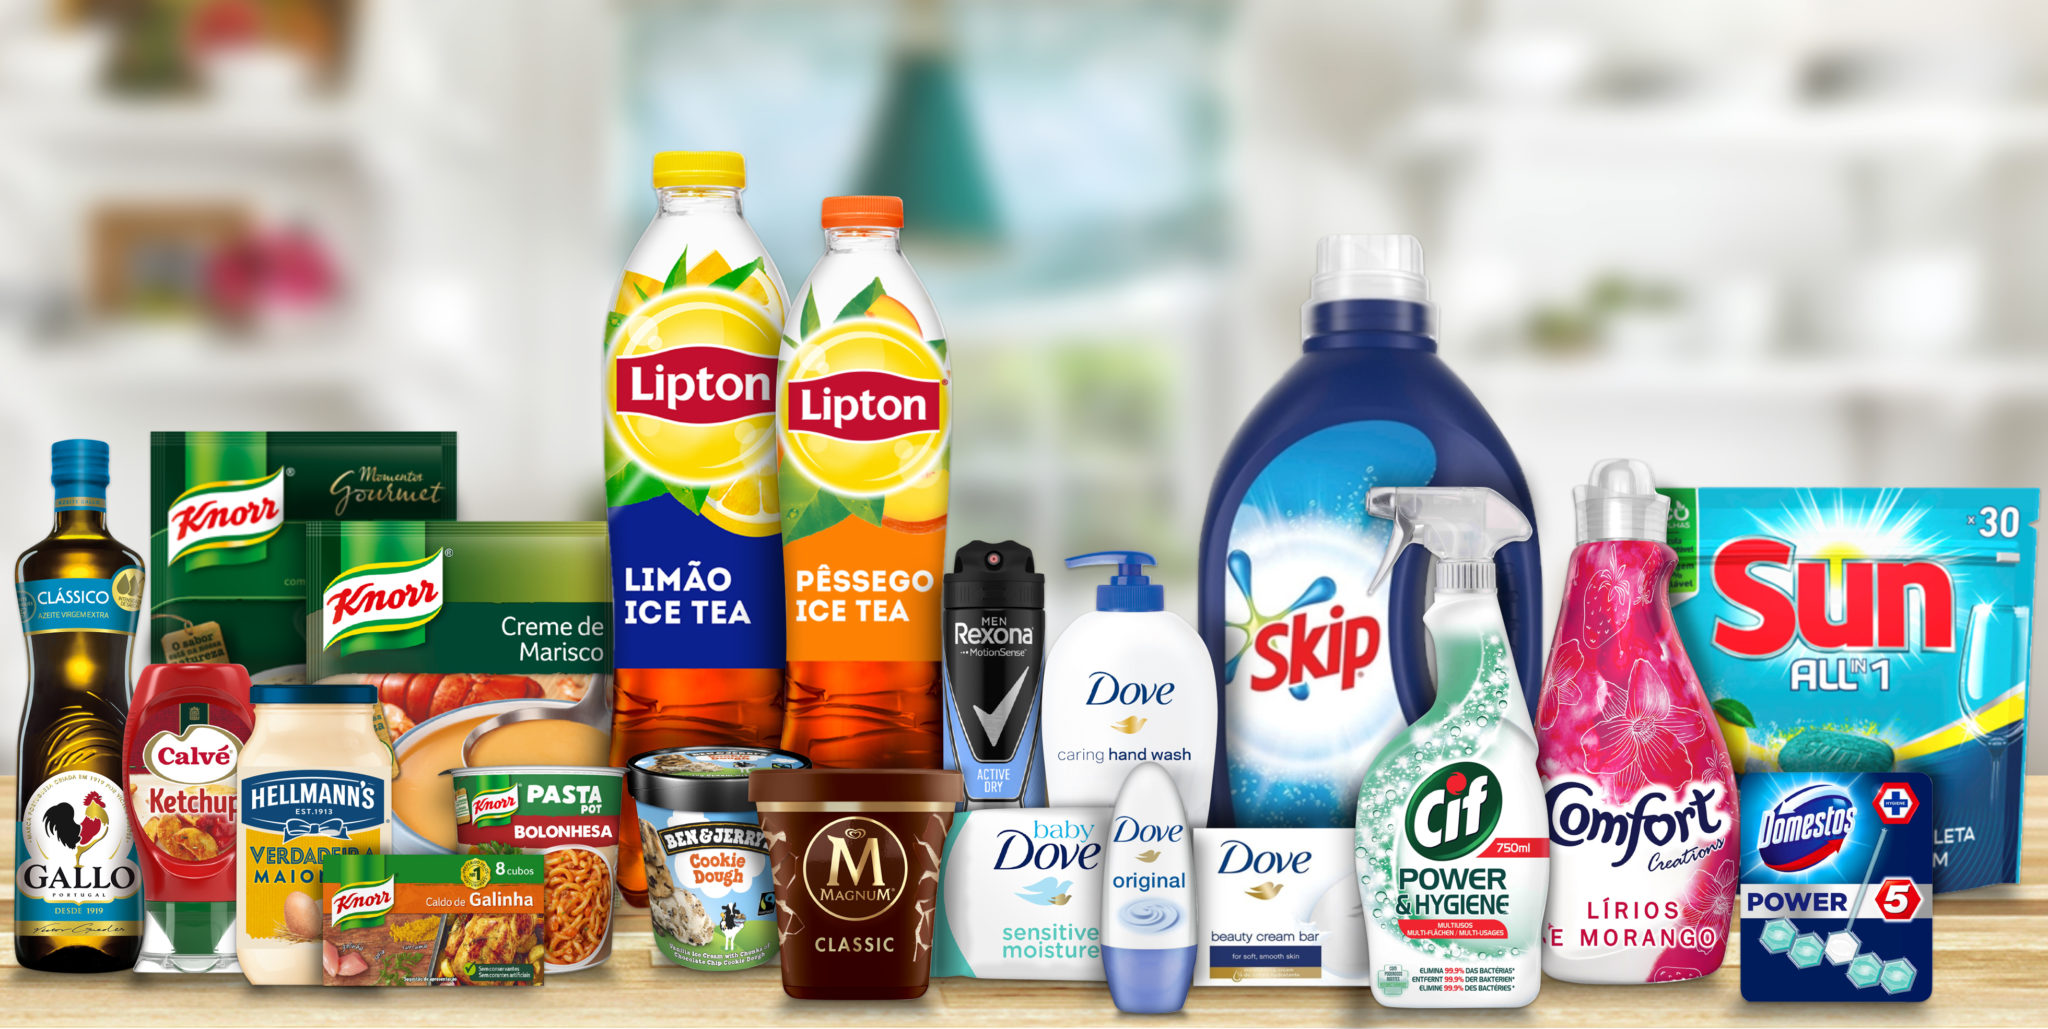 Loja Unilever